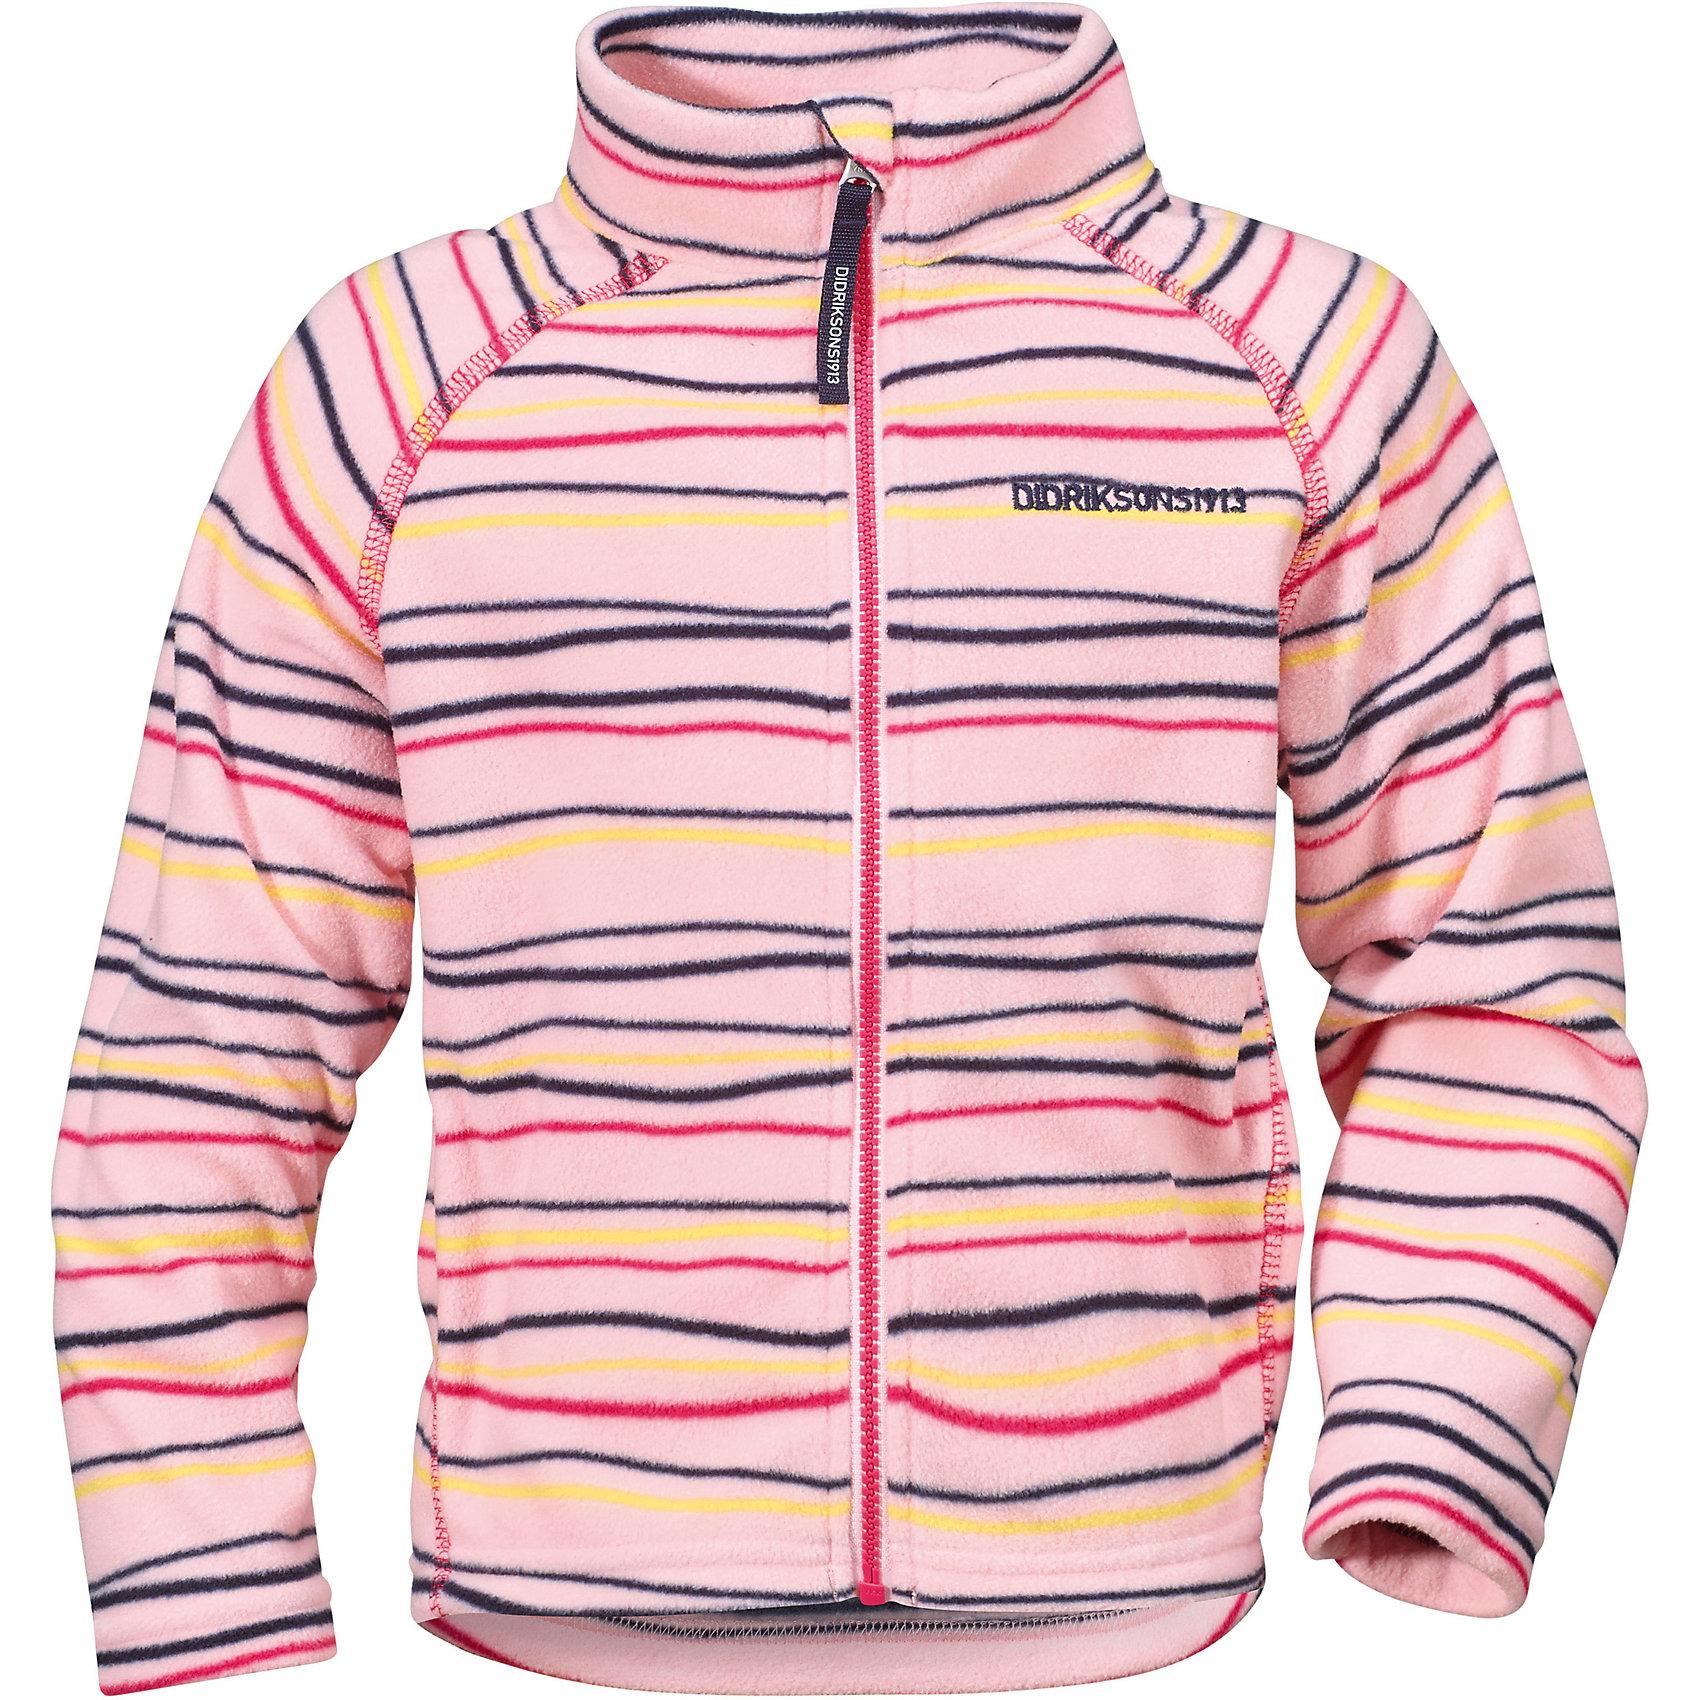 Толстовка MONTE KIDS PRINT для девочки DIDRIKSONSТолстовки<br>Толстовка из тонкого флиса. Мягкий и комфортный флис обладает хорошими теплоизоляционными свойствами, которые сохраняются даже во влажном состоянии. Этот материал прост в уходе (допускается стирка в машине). Весной и летом эта модель будет работать как самостоятельная верхняя одежда, а в ненастную погоду ее можно использовать как утепляющий слой под водонепроницаемую верхнюю одежду.<br>Состав:<br>100% полиэстер<br><br>Ширина мм: 356<br>Глубина мм: 10<br>Высота мм: 245<br>Вес г: 519<br>Цвет: розовый<br>Возраст от месяцев: 12<br>Возраст до месяцев: 18<br>Пол: Женский<br>Возраст: Детский<br>Размер: 80,120,110,100,130,90<br>SKU: 5576839